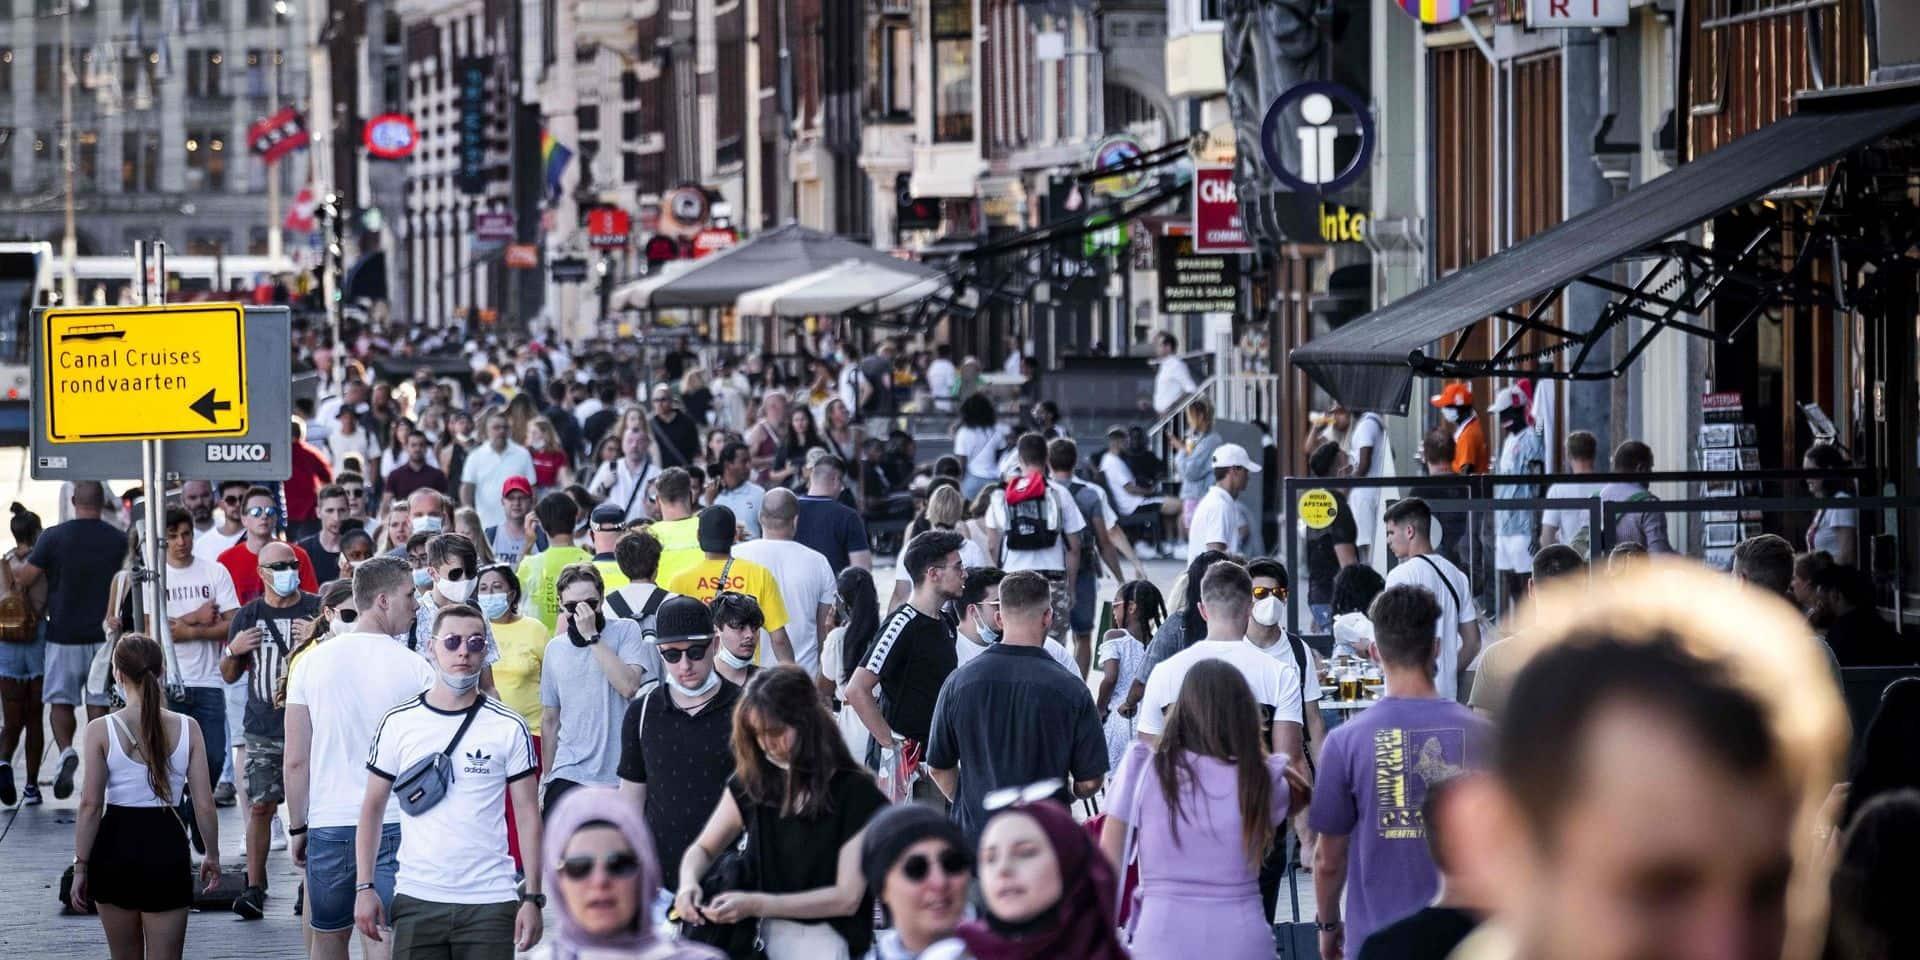 """""""Des raisons de s'inquiéter à Amsterdam, La Haye et Rotterdam"""": importante hausse des infections au coronavirus aux Pays-Bas"""